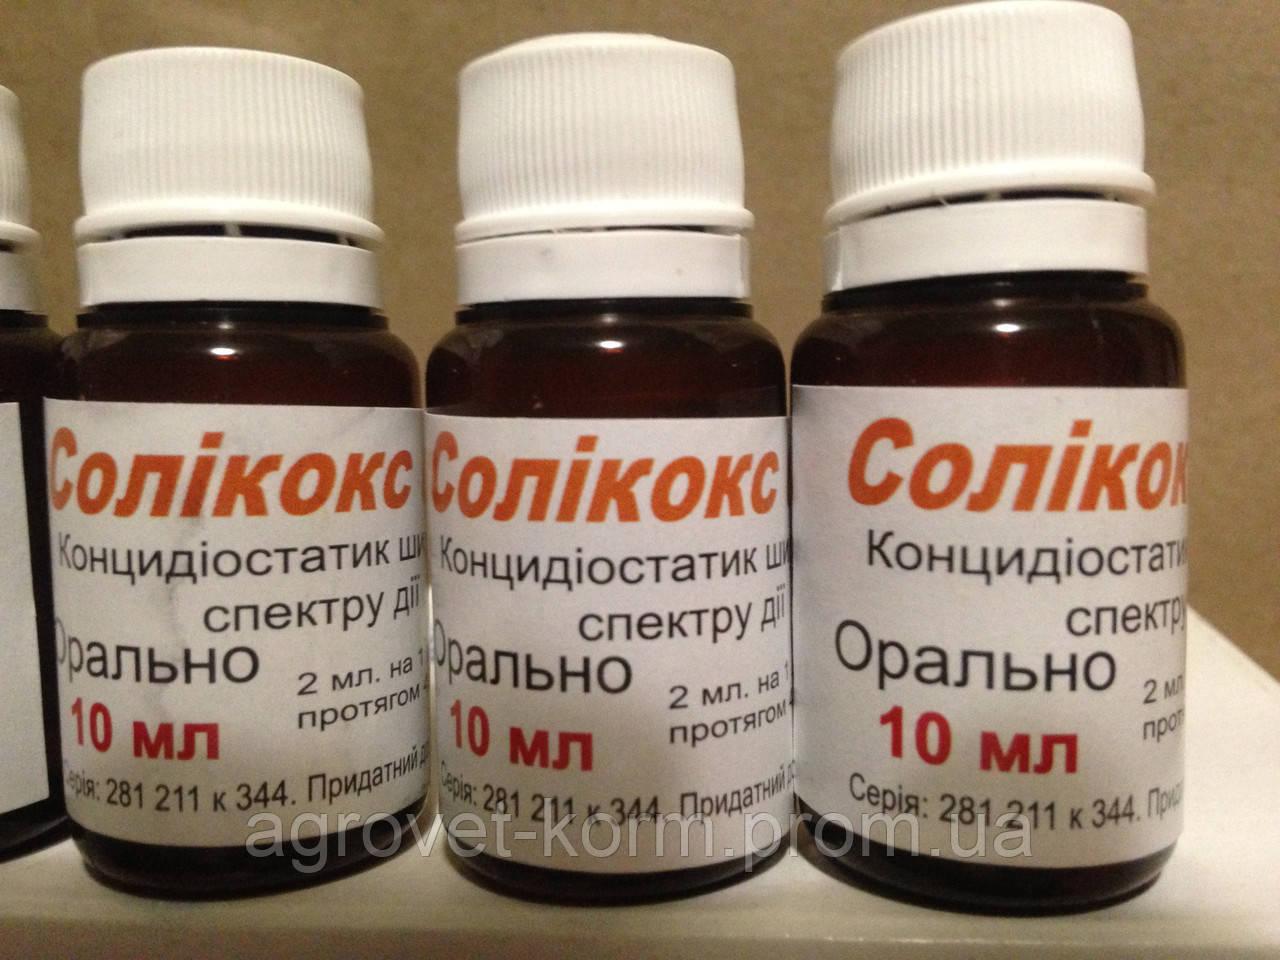 Соликокс 10мл